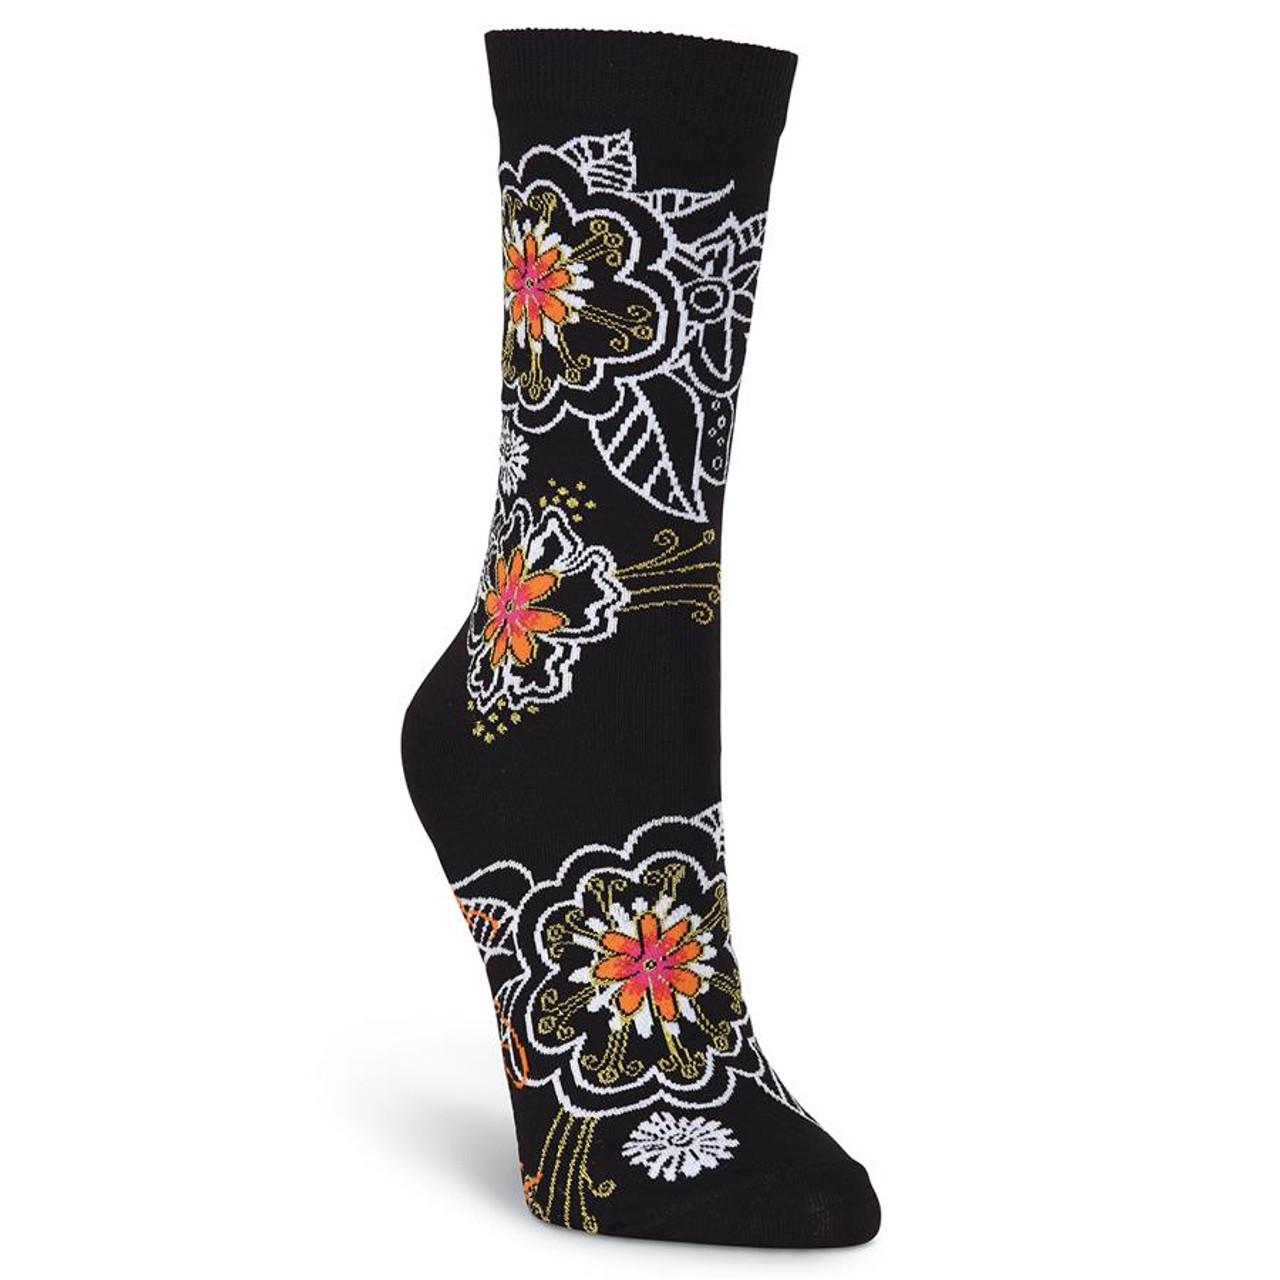 1 Pair Ladies SockShop Flowers Birds Music Women Leaves Printing Blend S Co W0B7